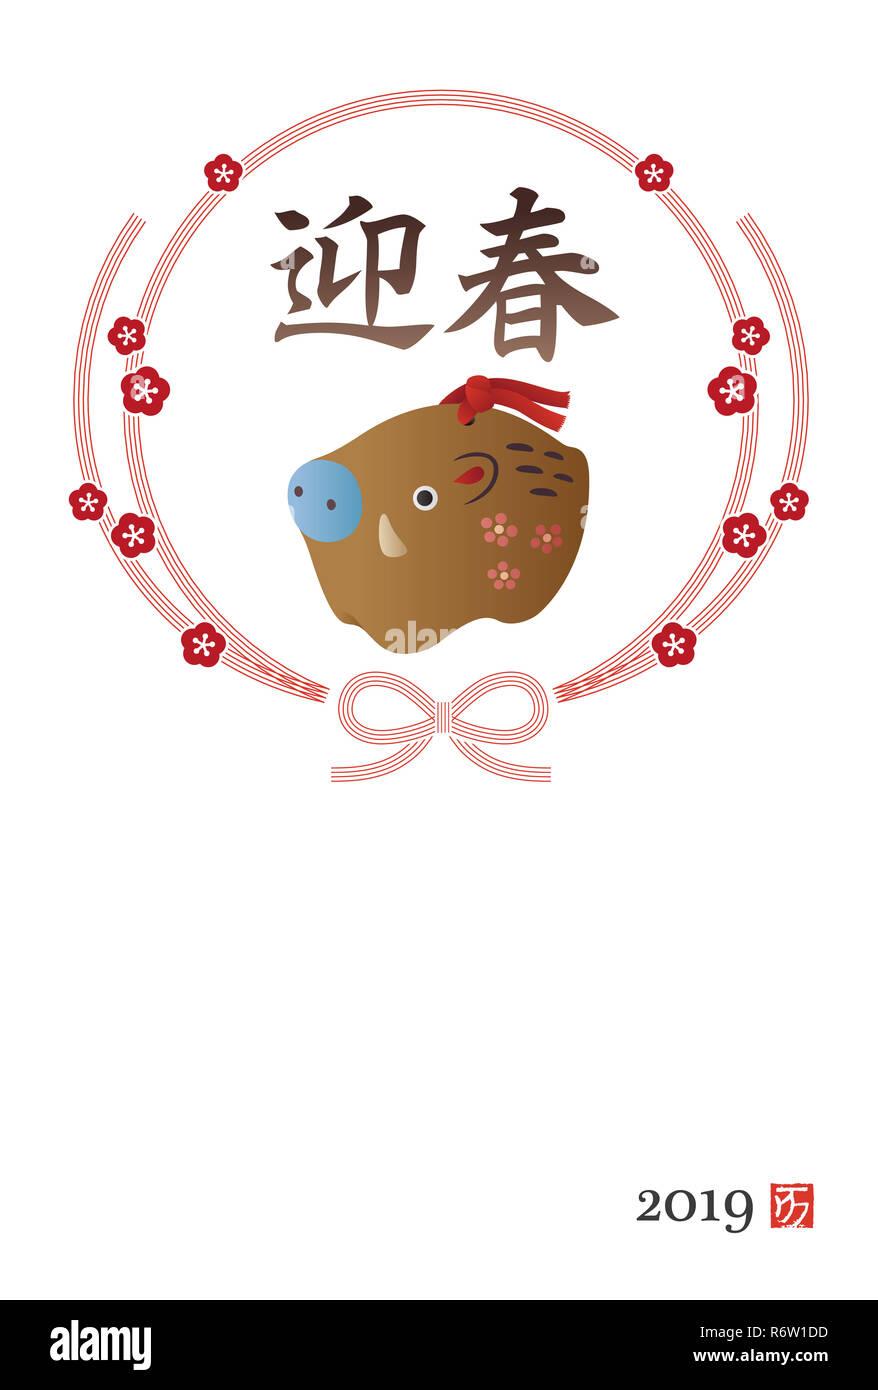 Neues Jahr Karte mit einem Chinesisches Tierzeichen Wildschwein Keramik Puppe in einem Plum flower ribbon Kranz Stockfoto